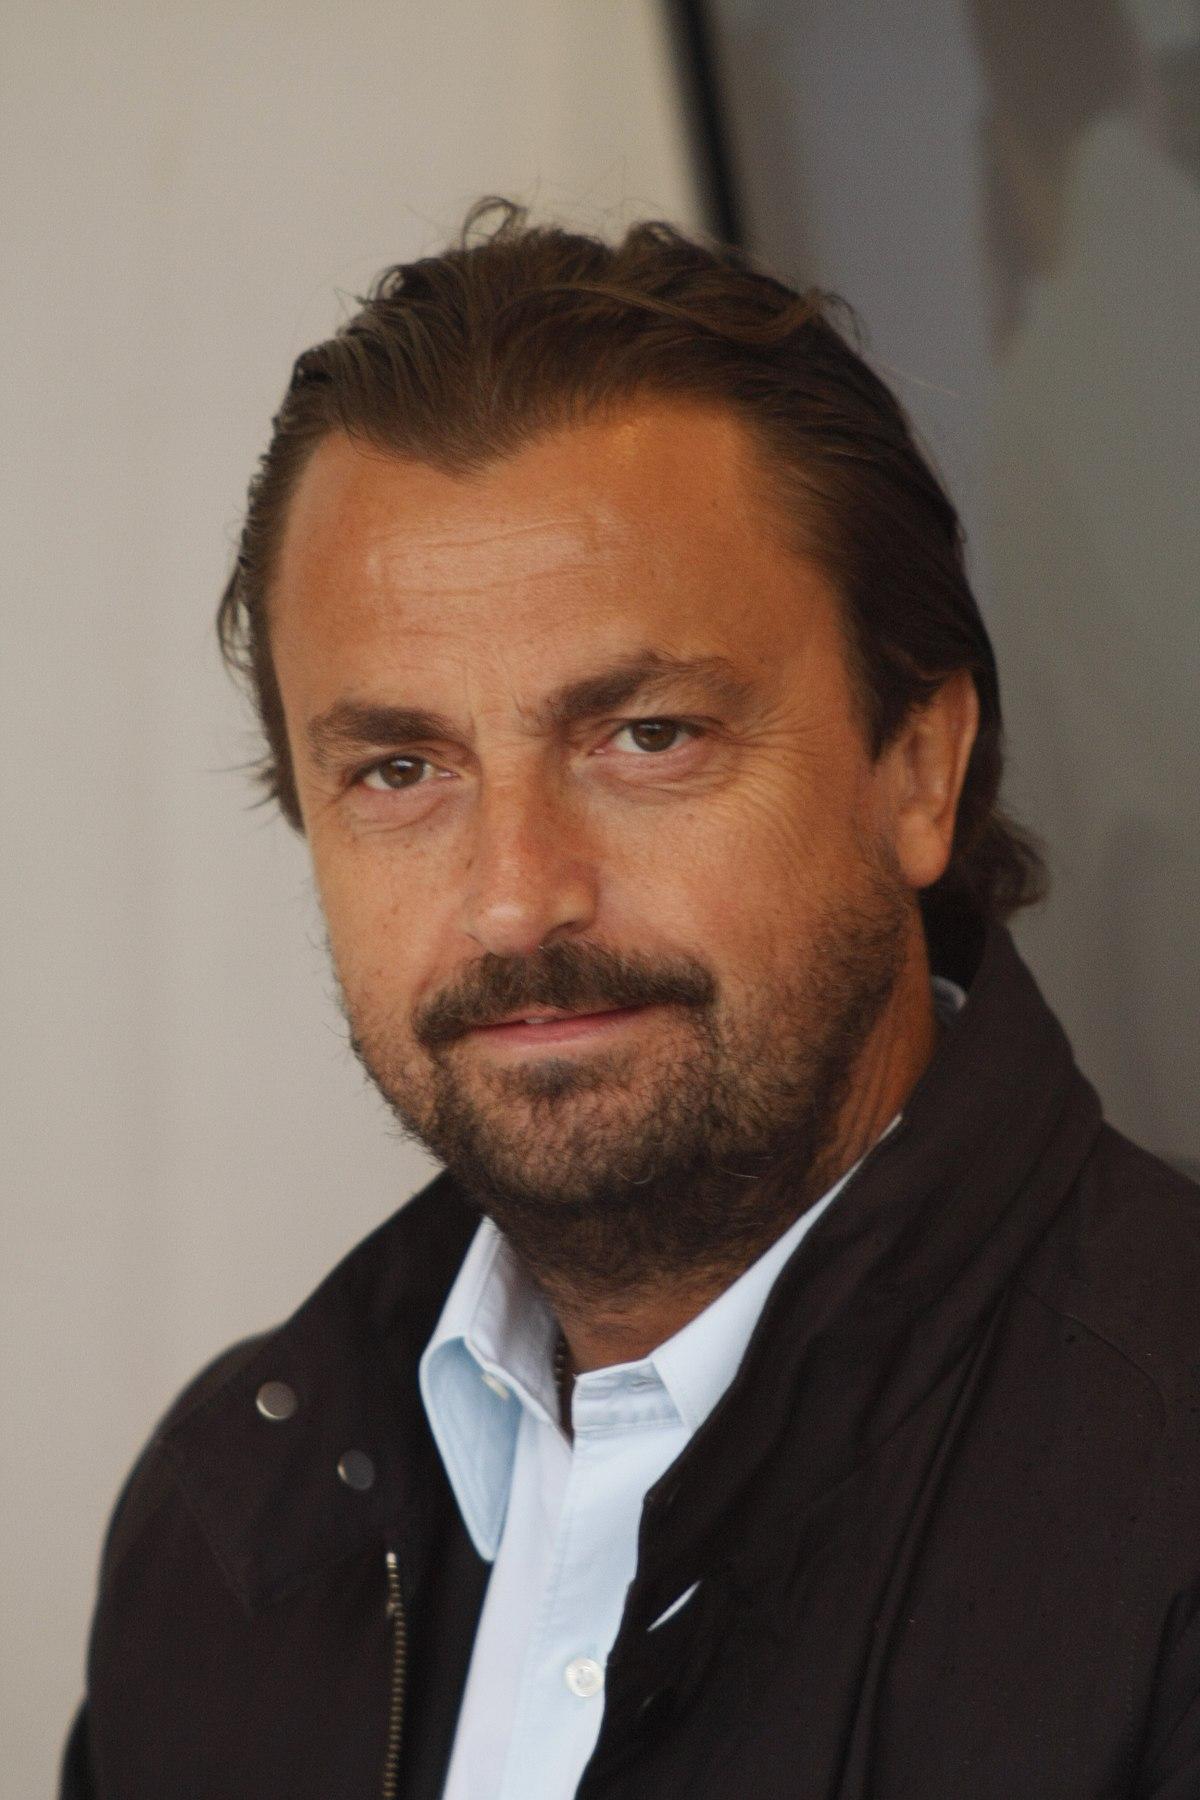 Henri Leconte - Wikipedia